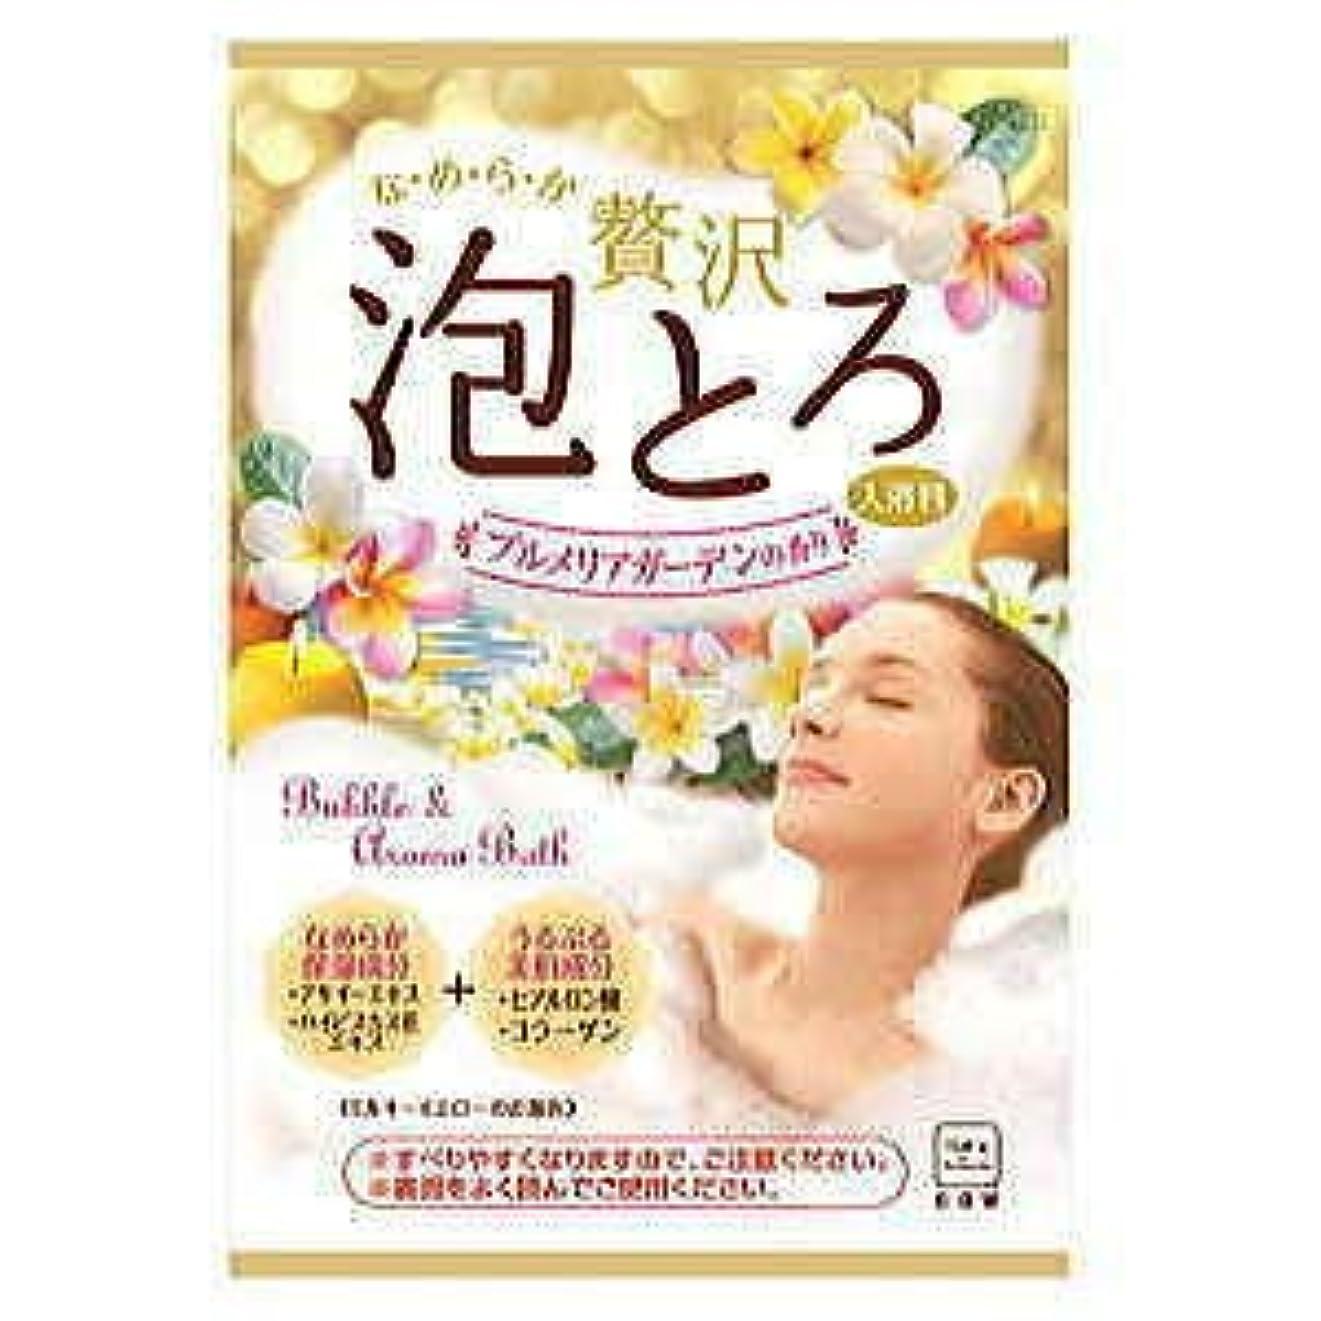 影響するつかの間墓牛乳石鹸 お湯物語 贅沢泡とろ 入浴料 プルメリアガーデン 30g 16個セット